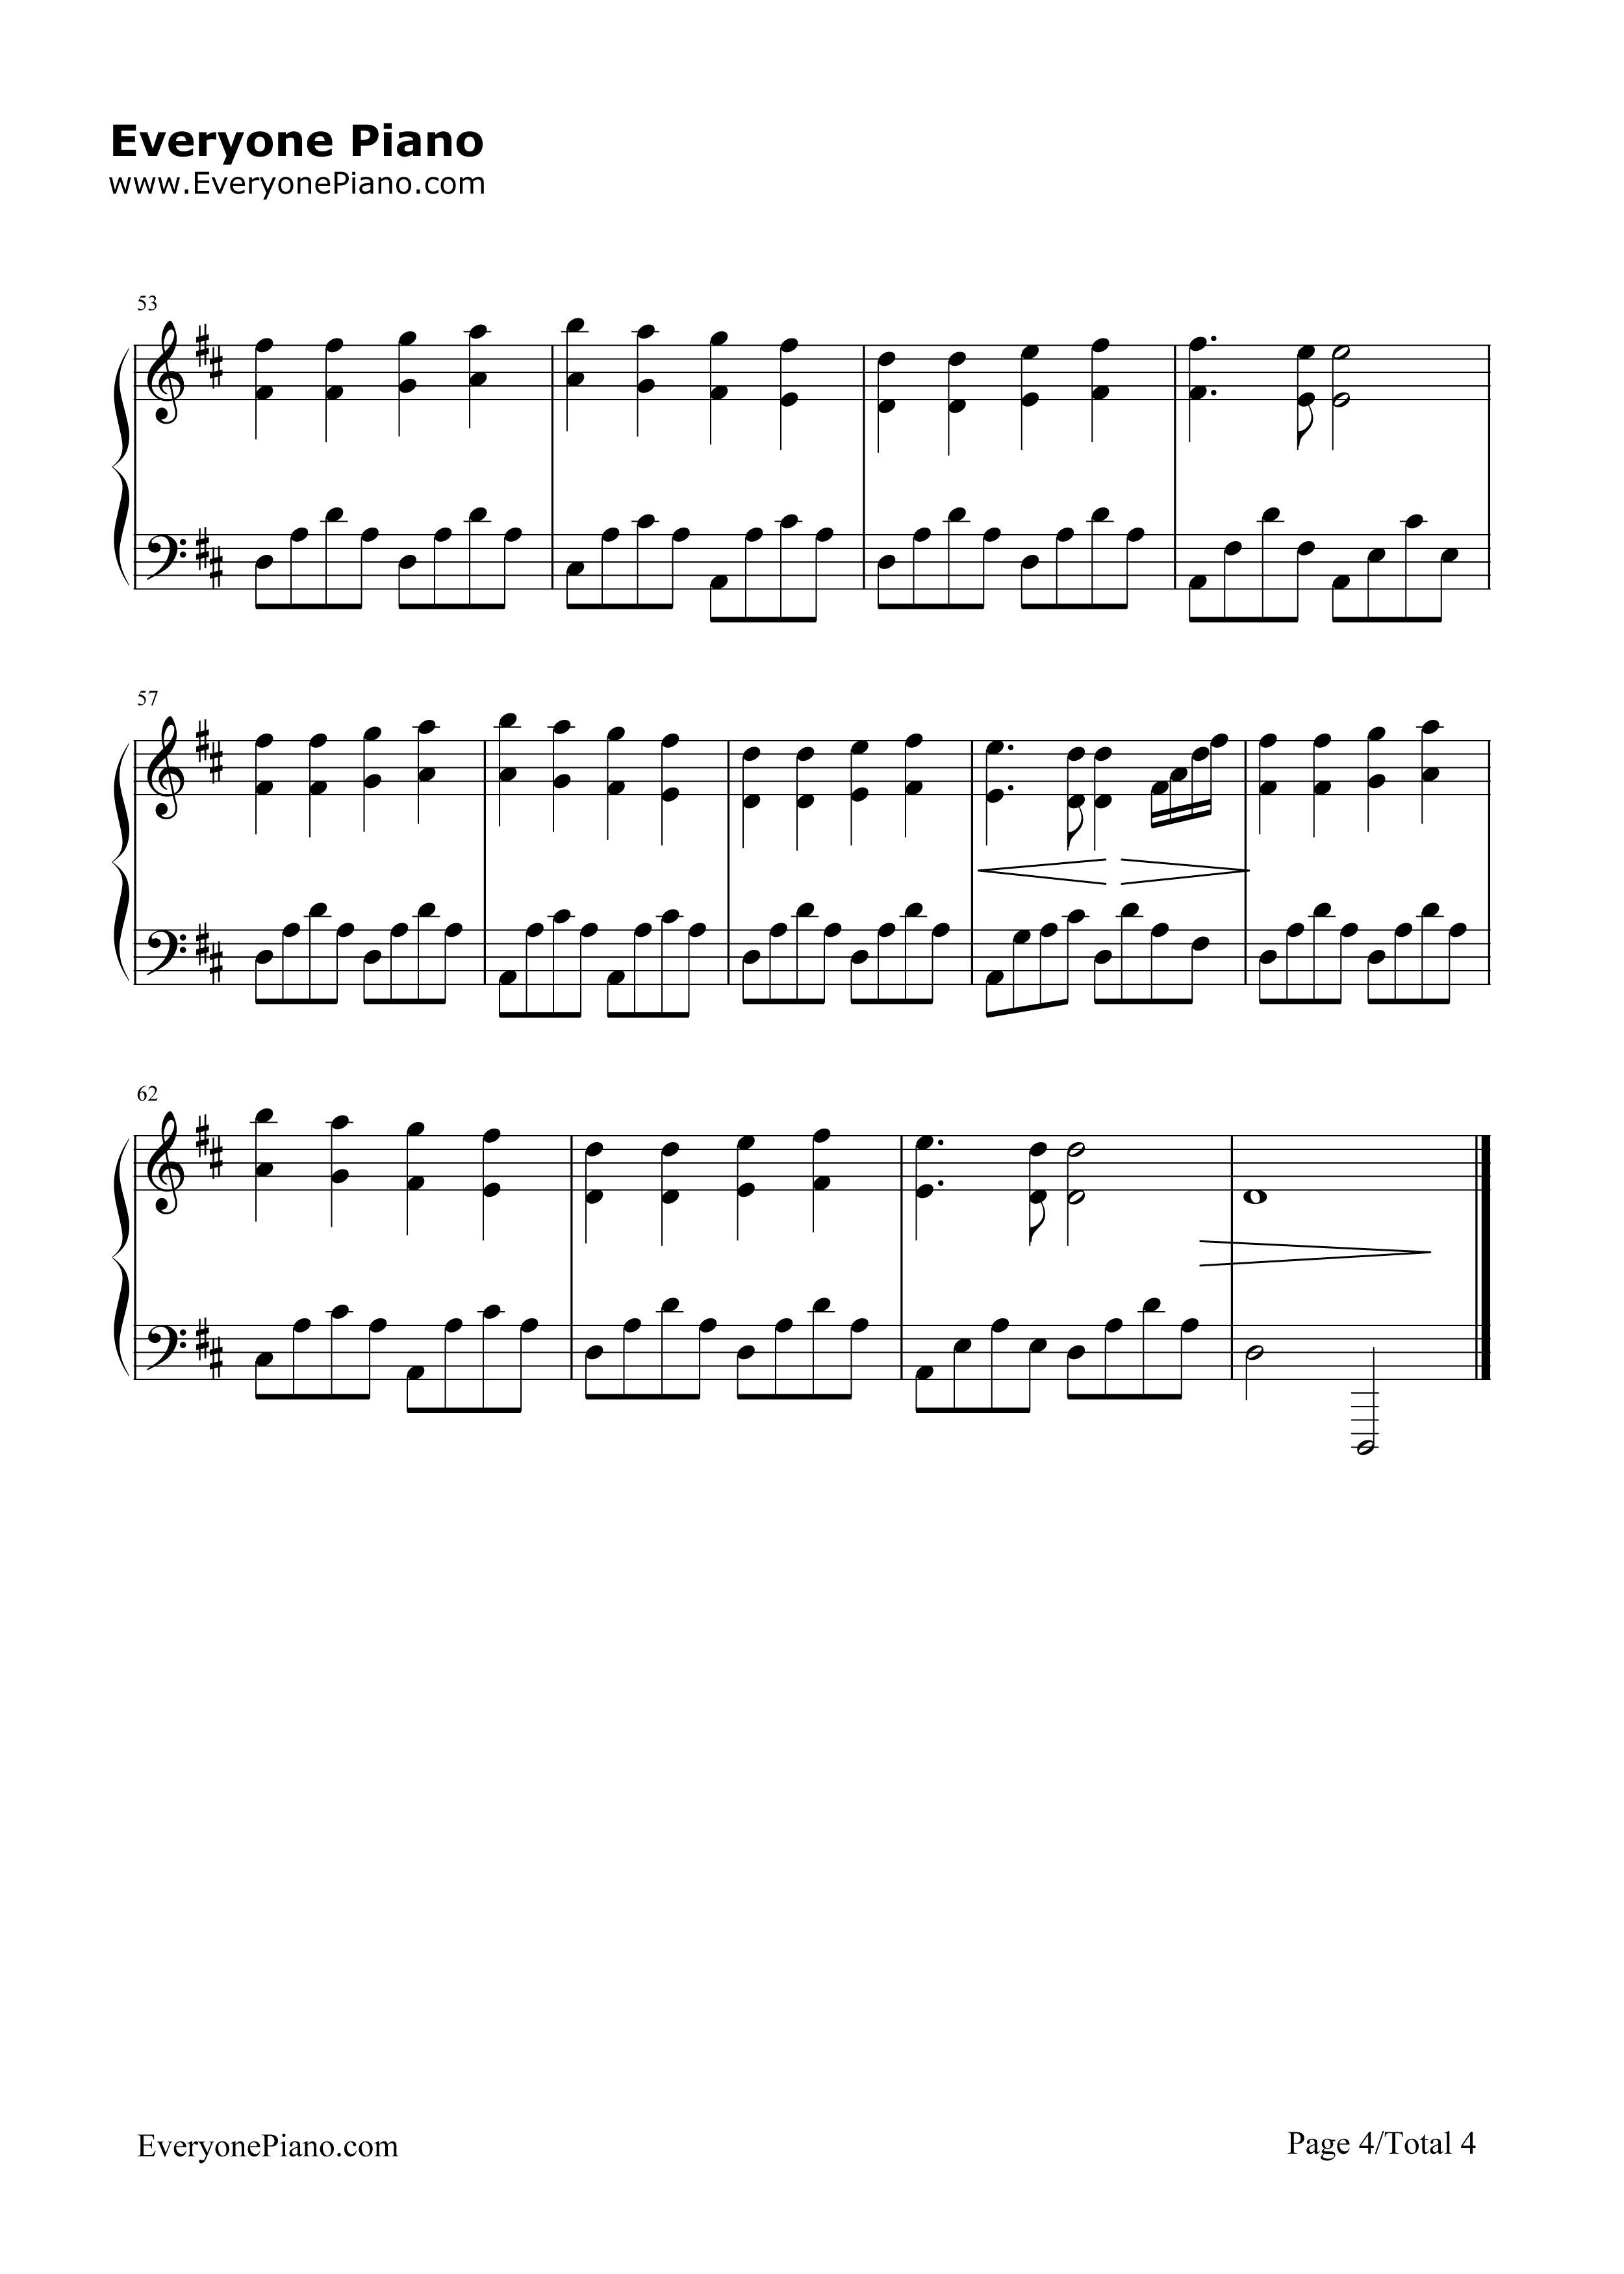 钢琴曲谱 经典 欢乐颂-完整版 欢乐颂-完整版五线谱预览4  }  仅供